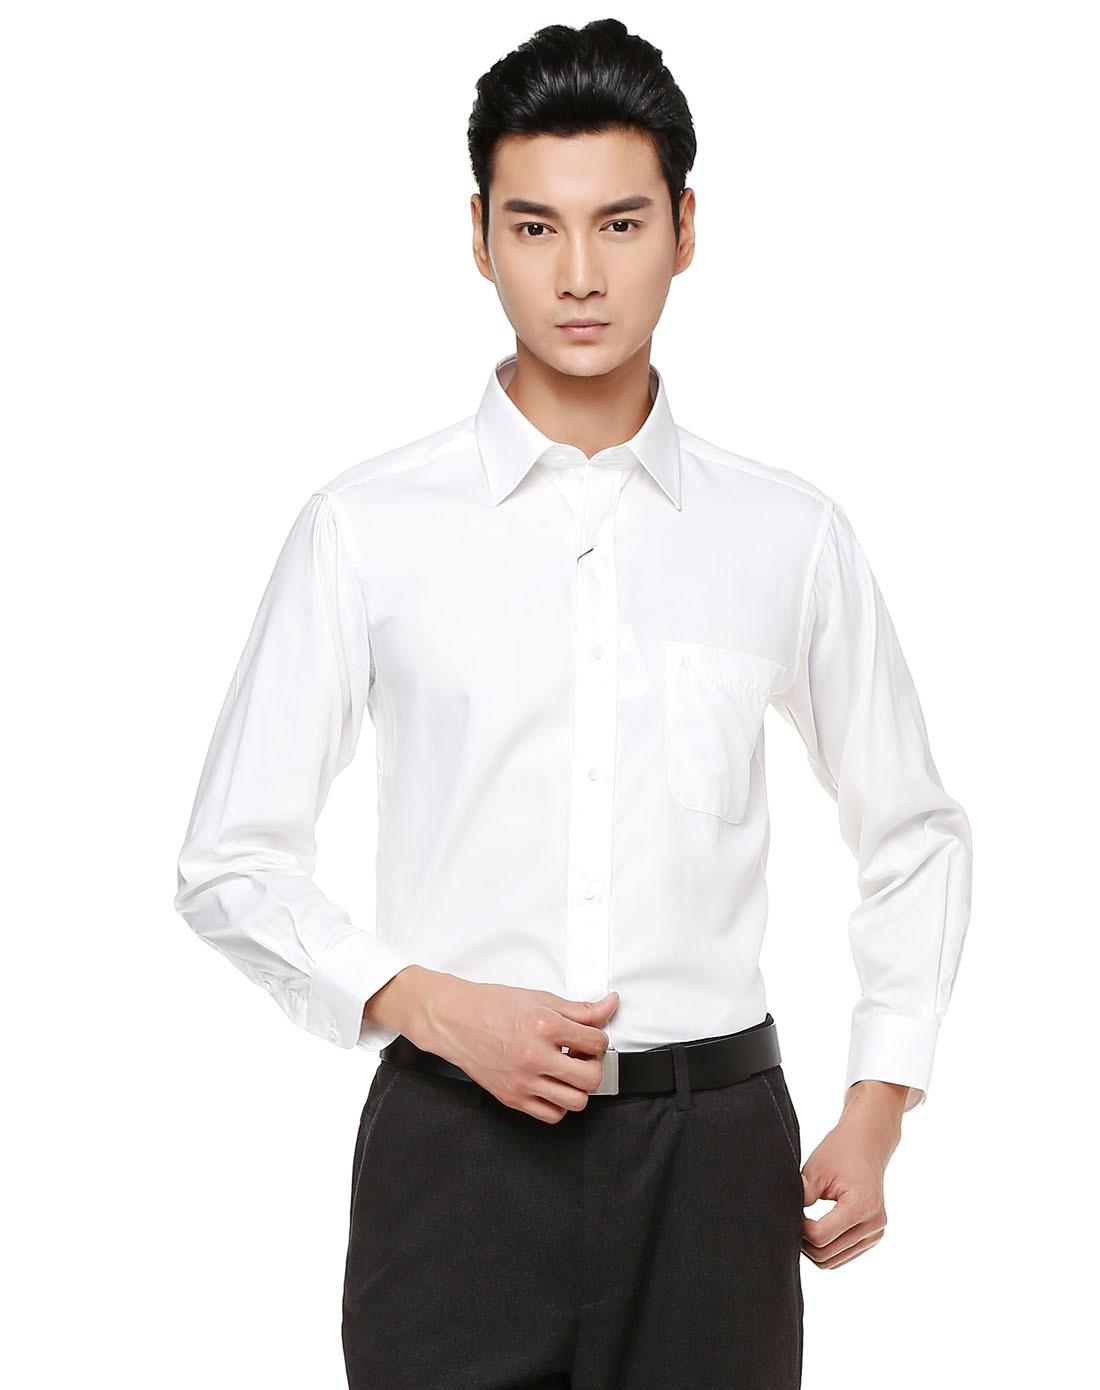 男士正装衬衣图片_男士商务衬衫正装牌子哪个好 男士白色衬衫长袖商务职业正装 ...